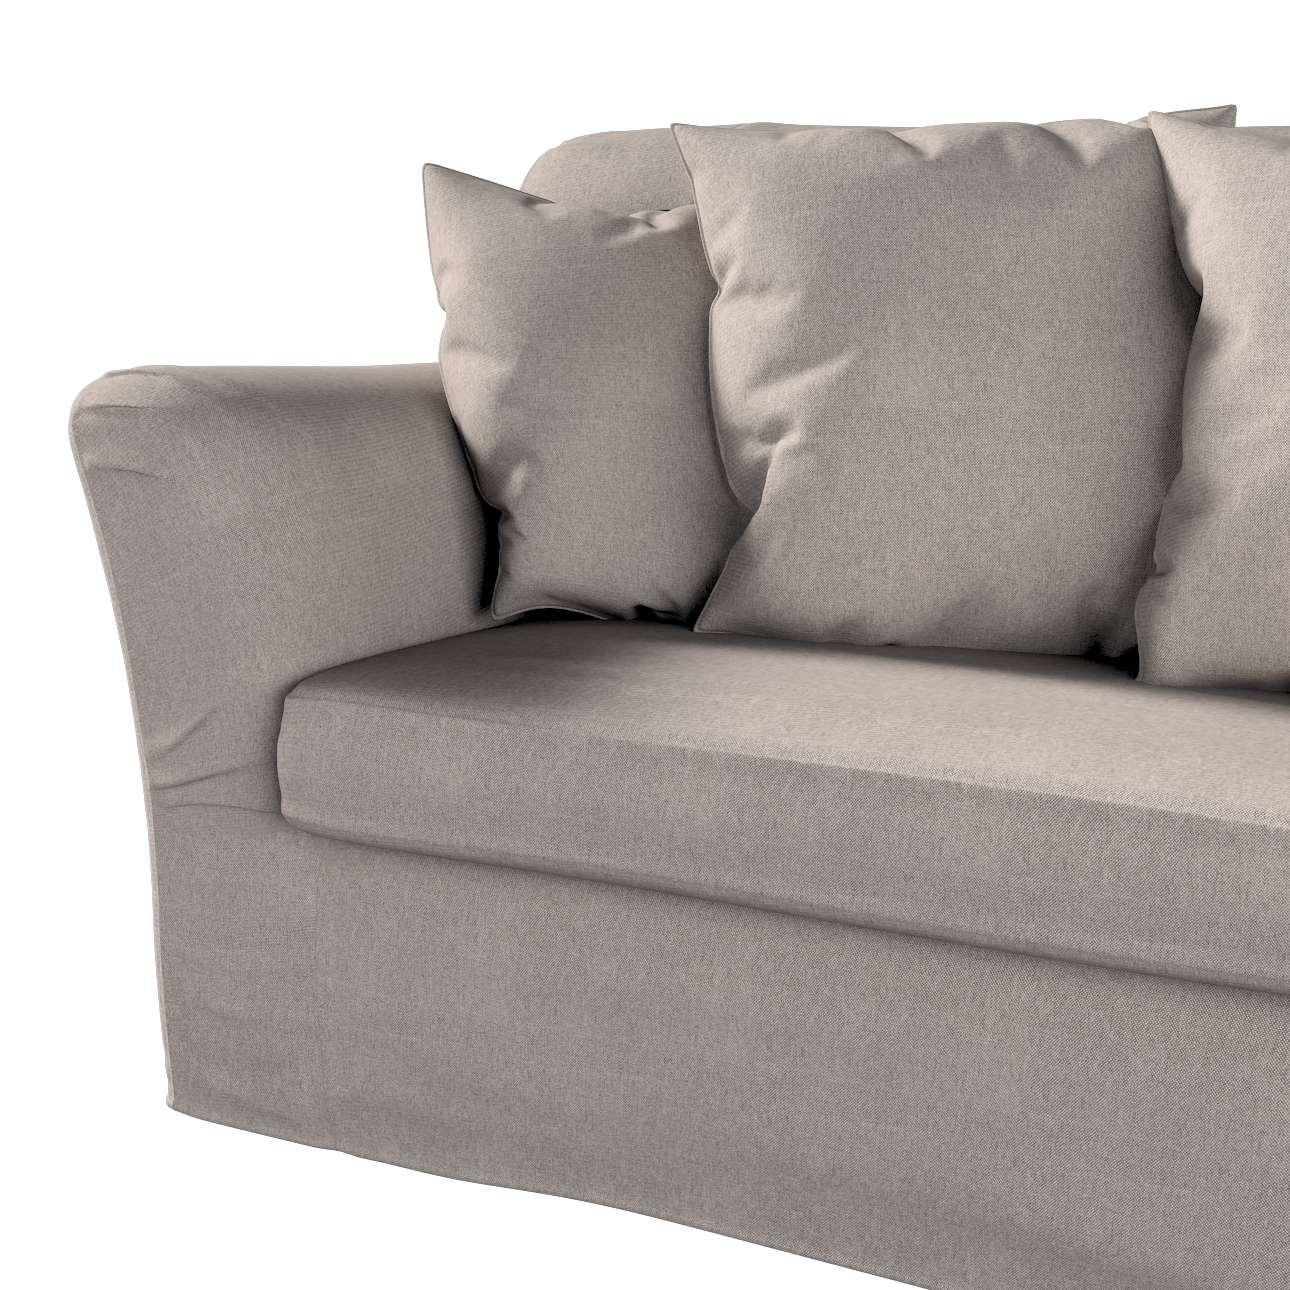 Pokrowiec na sofę Tomelilla 3-osobową rozkładaną w kolekcji Etna, tkanina: 705-09